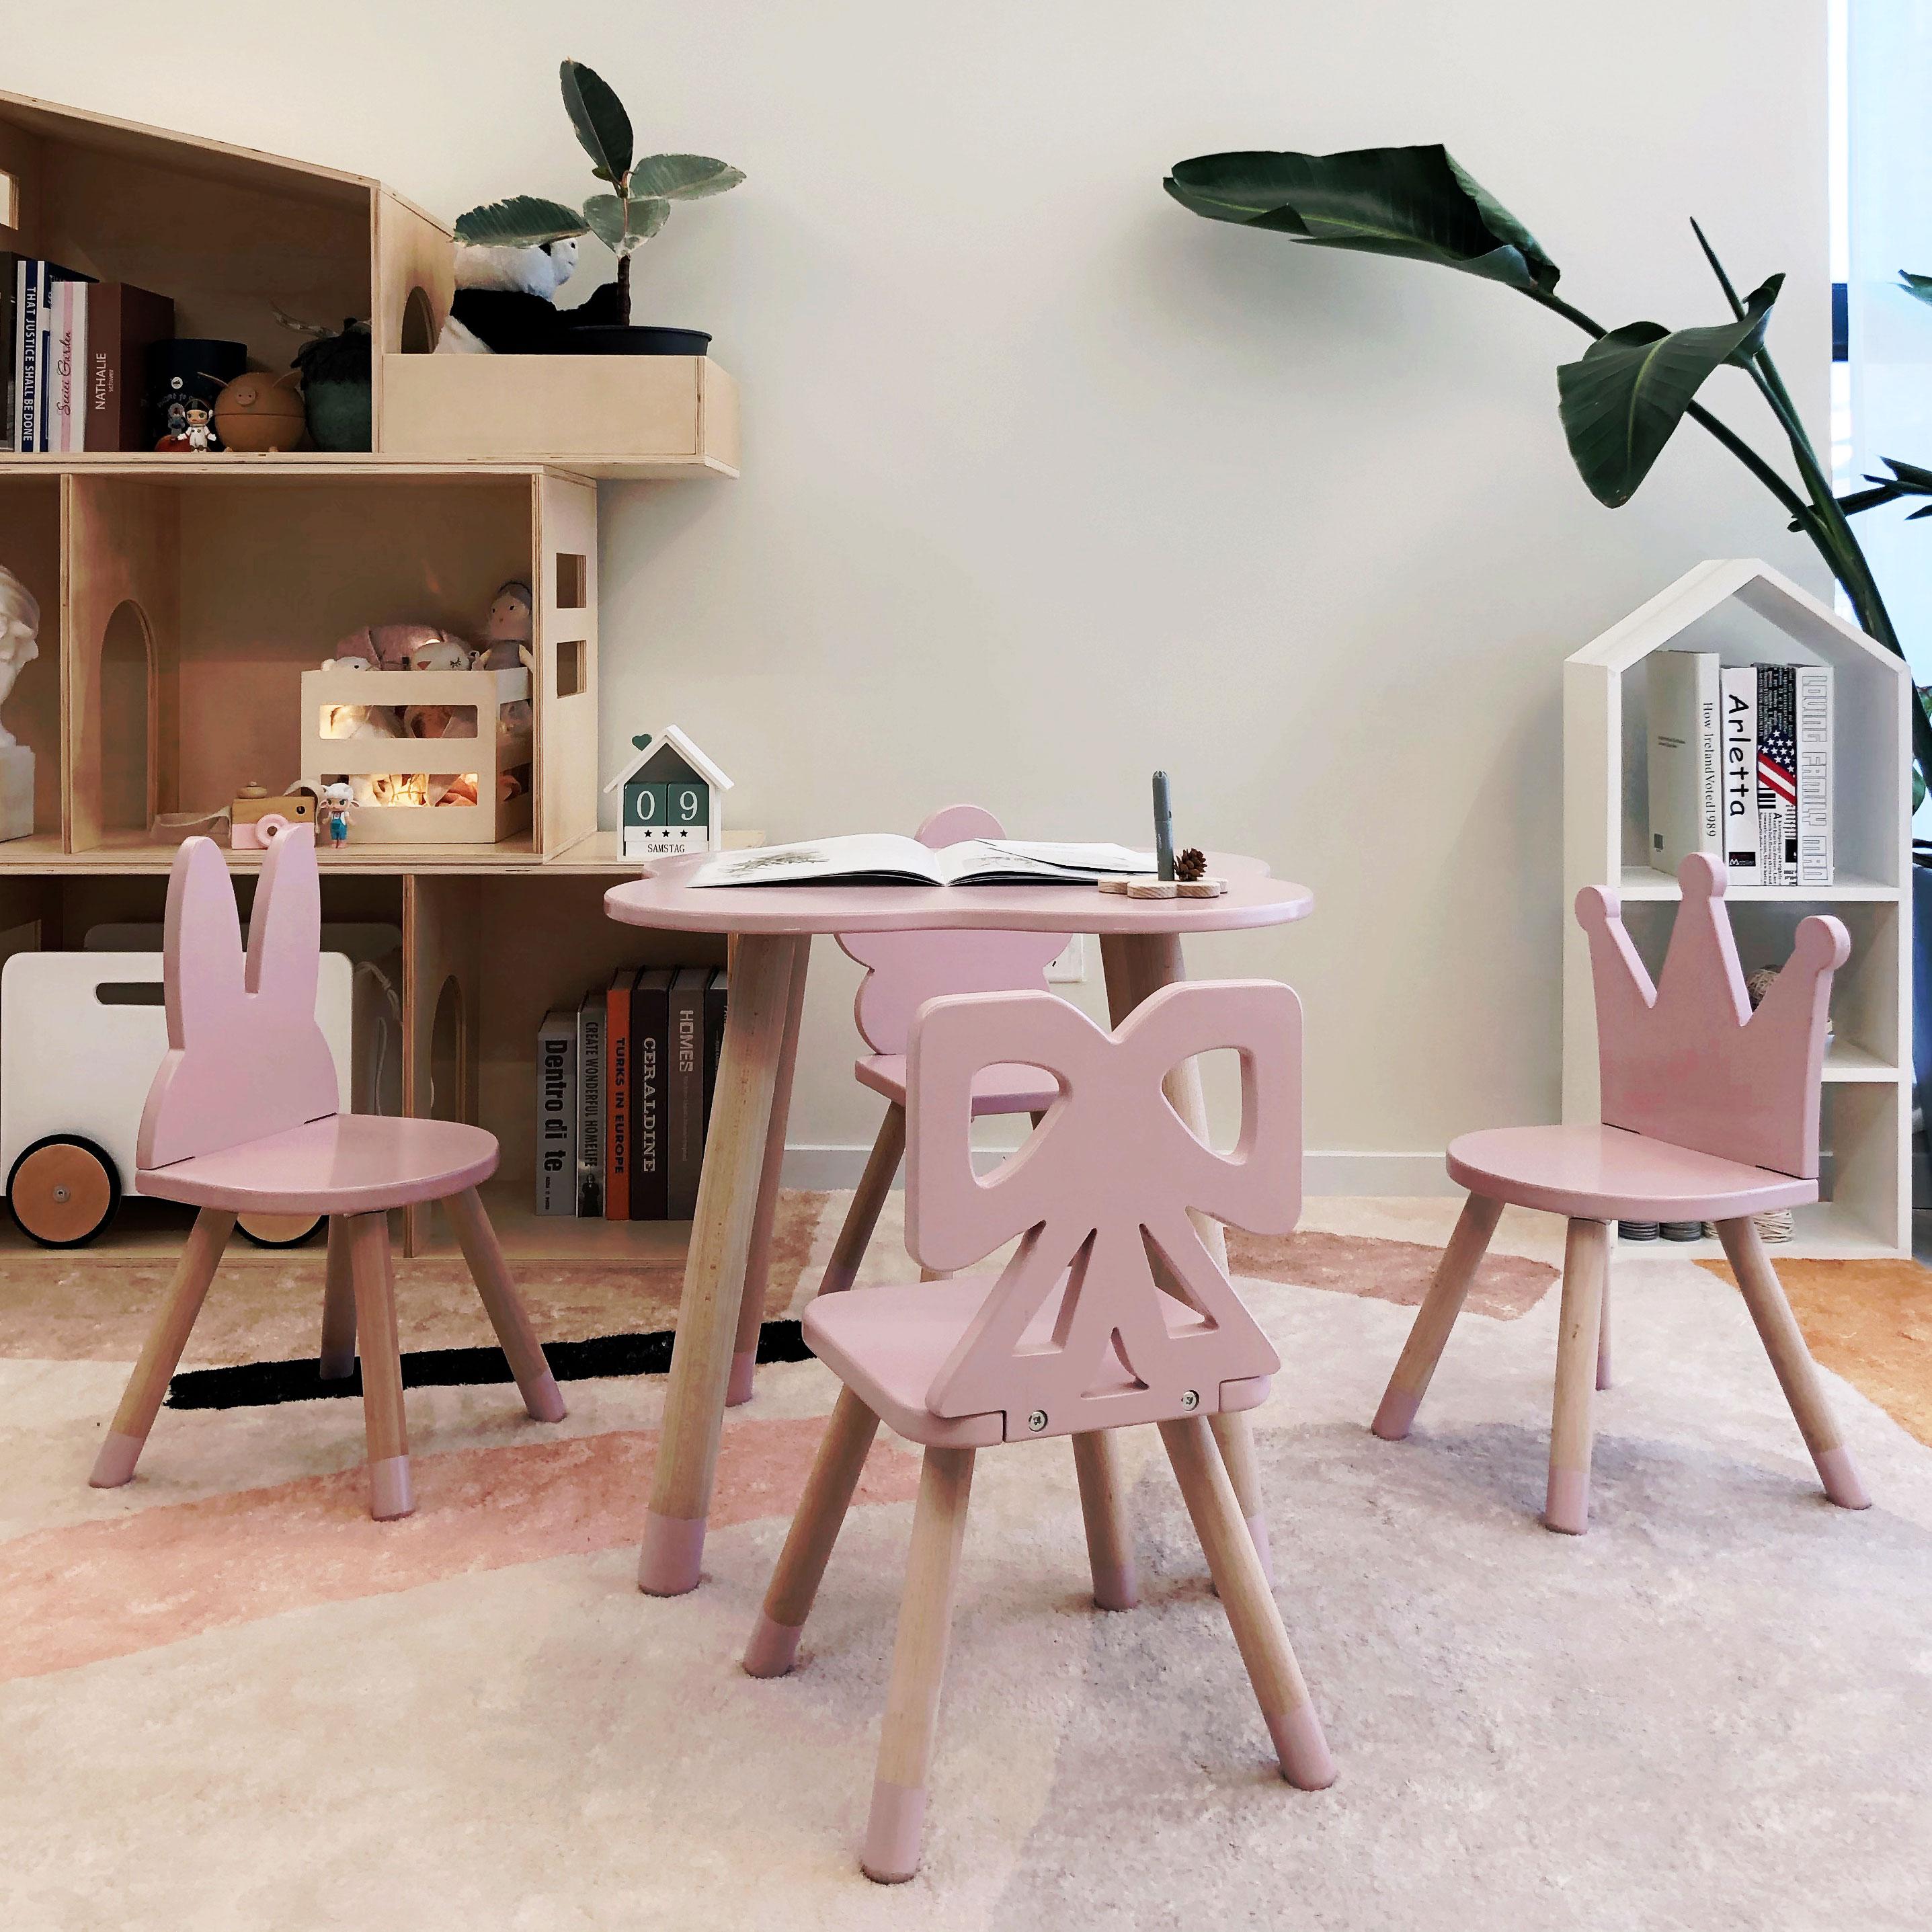 hc 1503) Antike Kinder Tisch Und Stühlekindergarten,Tag